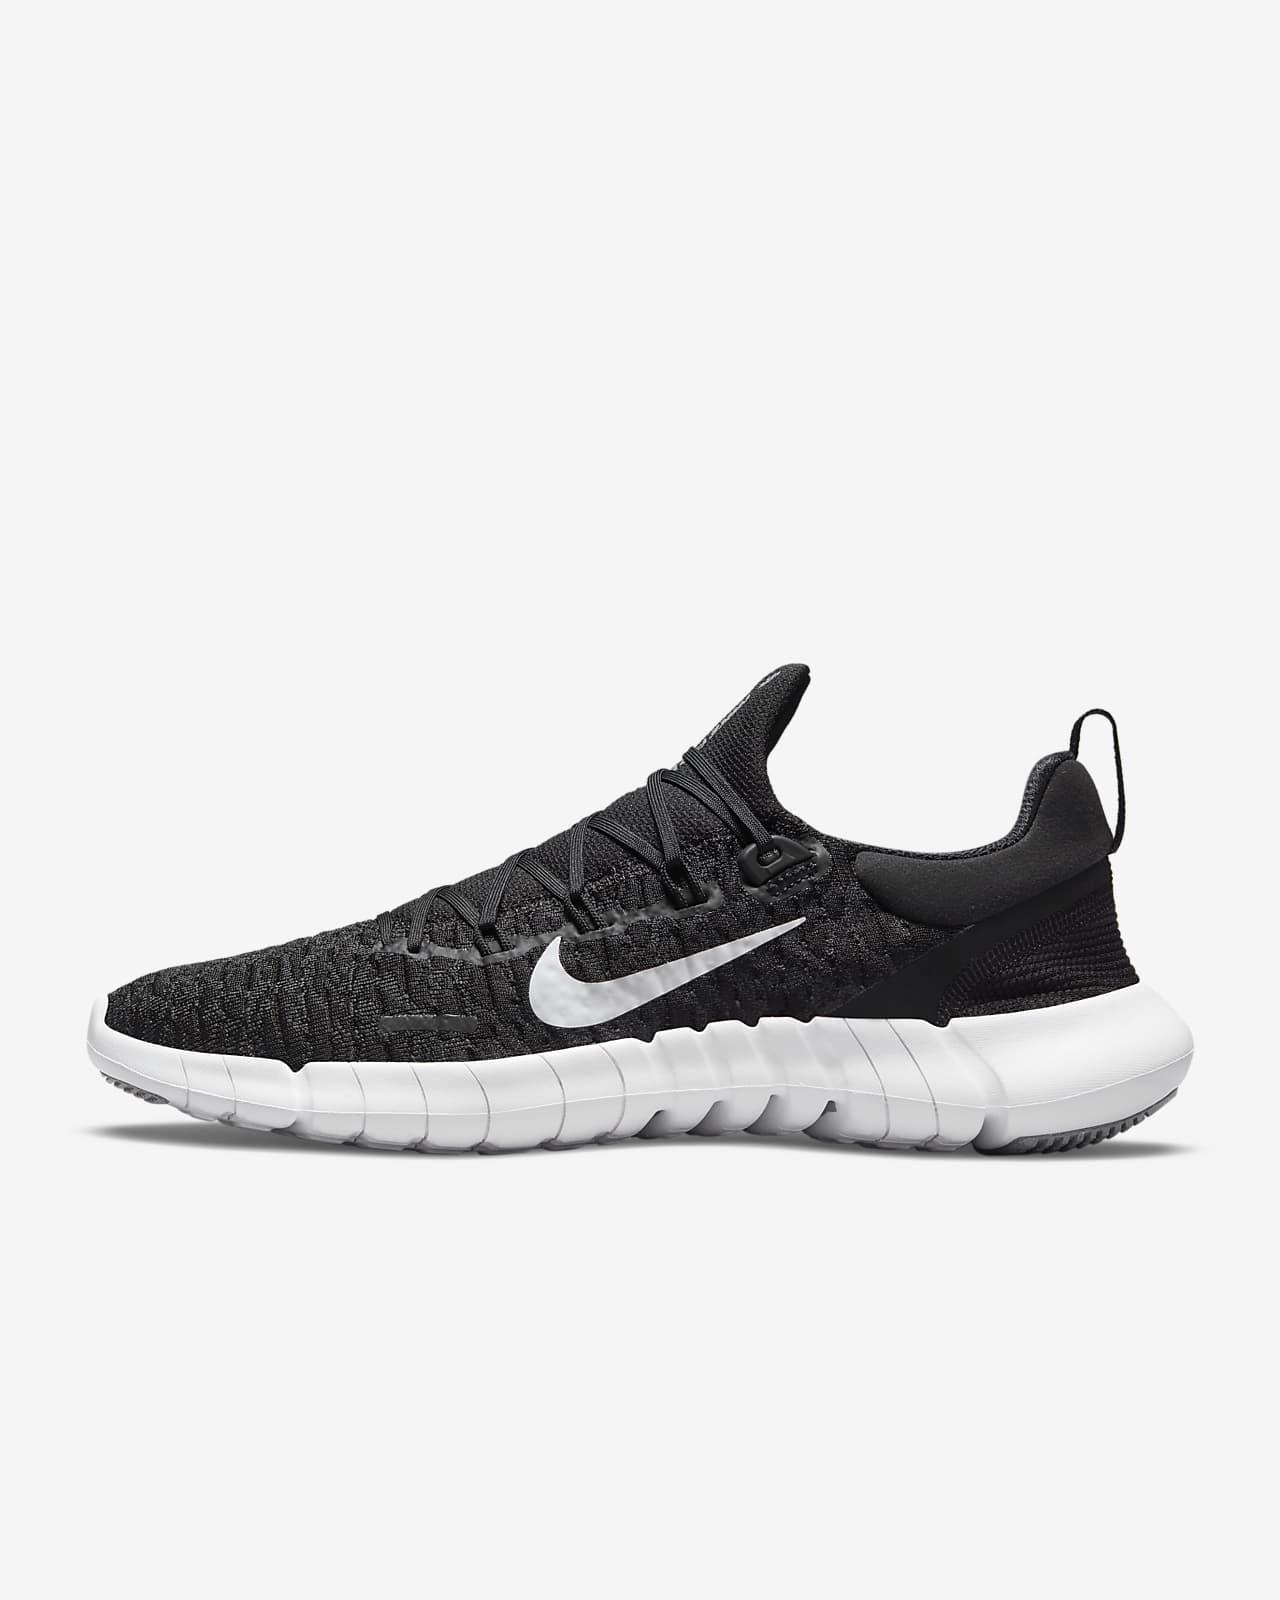 Nike Free Run 5.0 Women's Road Running Shoes